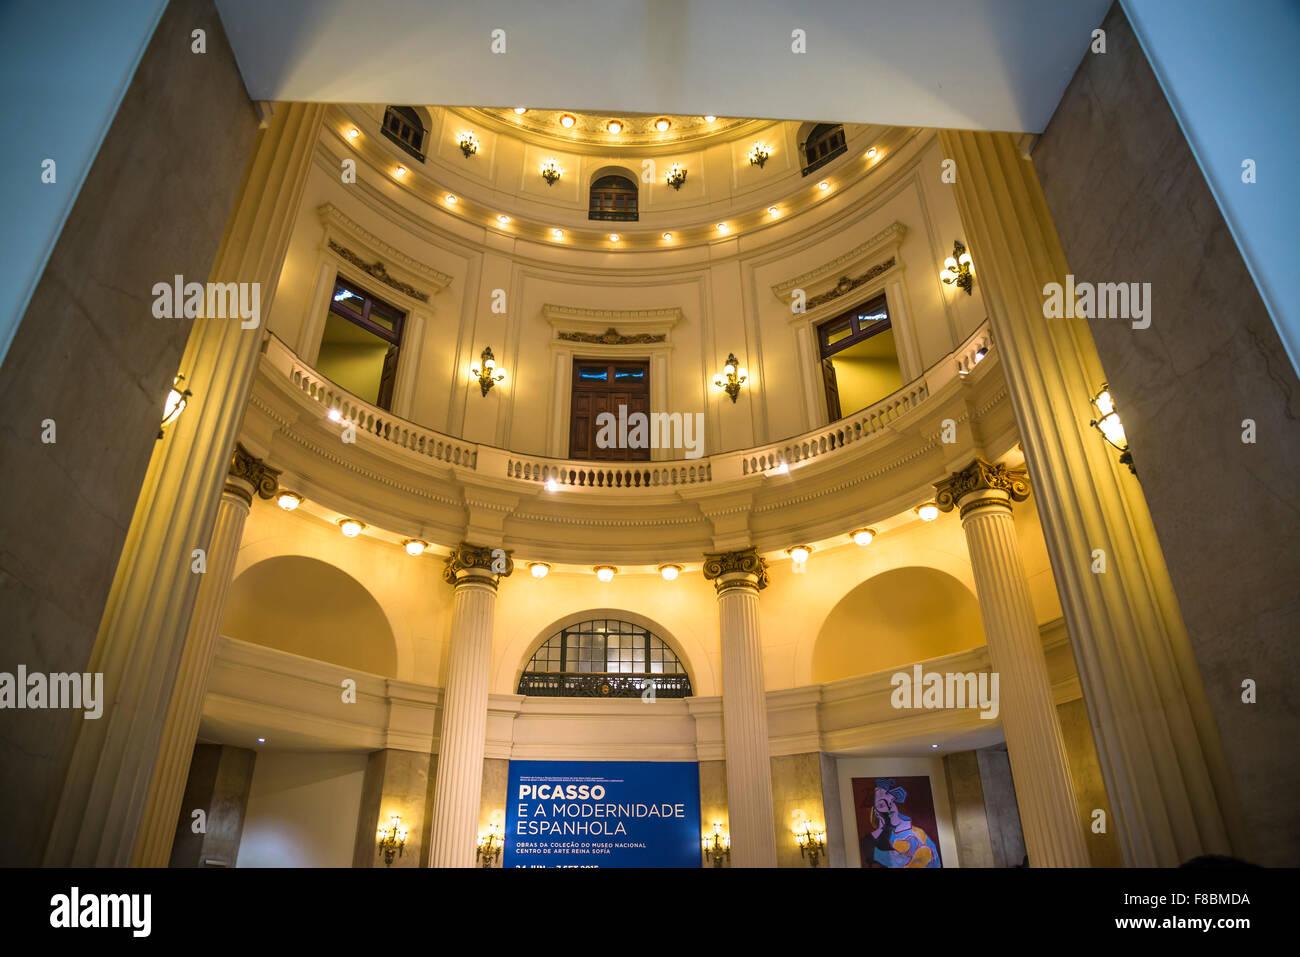 Centro Cultural Banco do Brasil - CCBB, Rio de Janeiro, Brazil - Stock Image